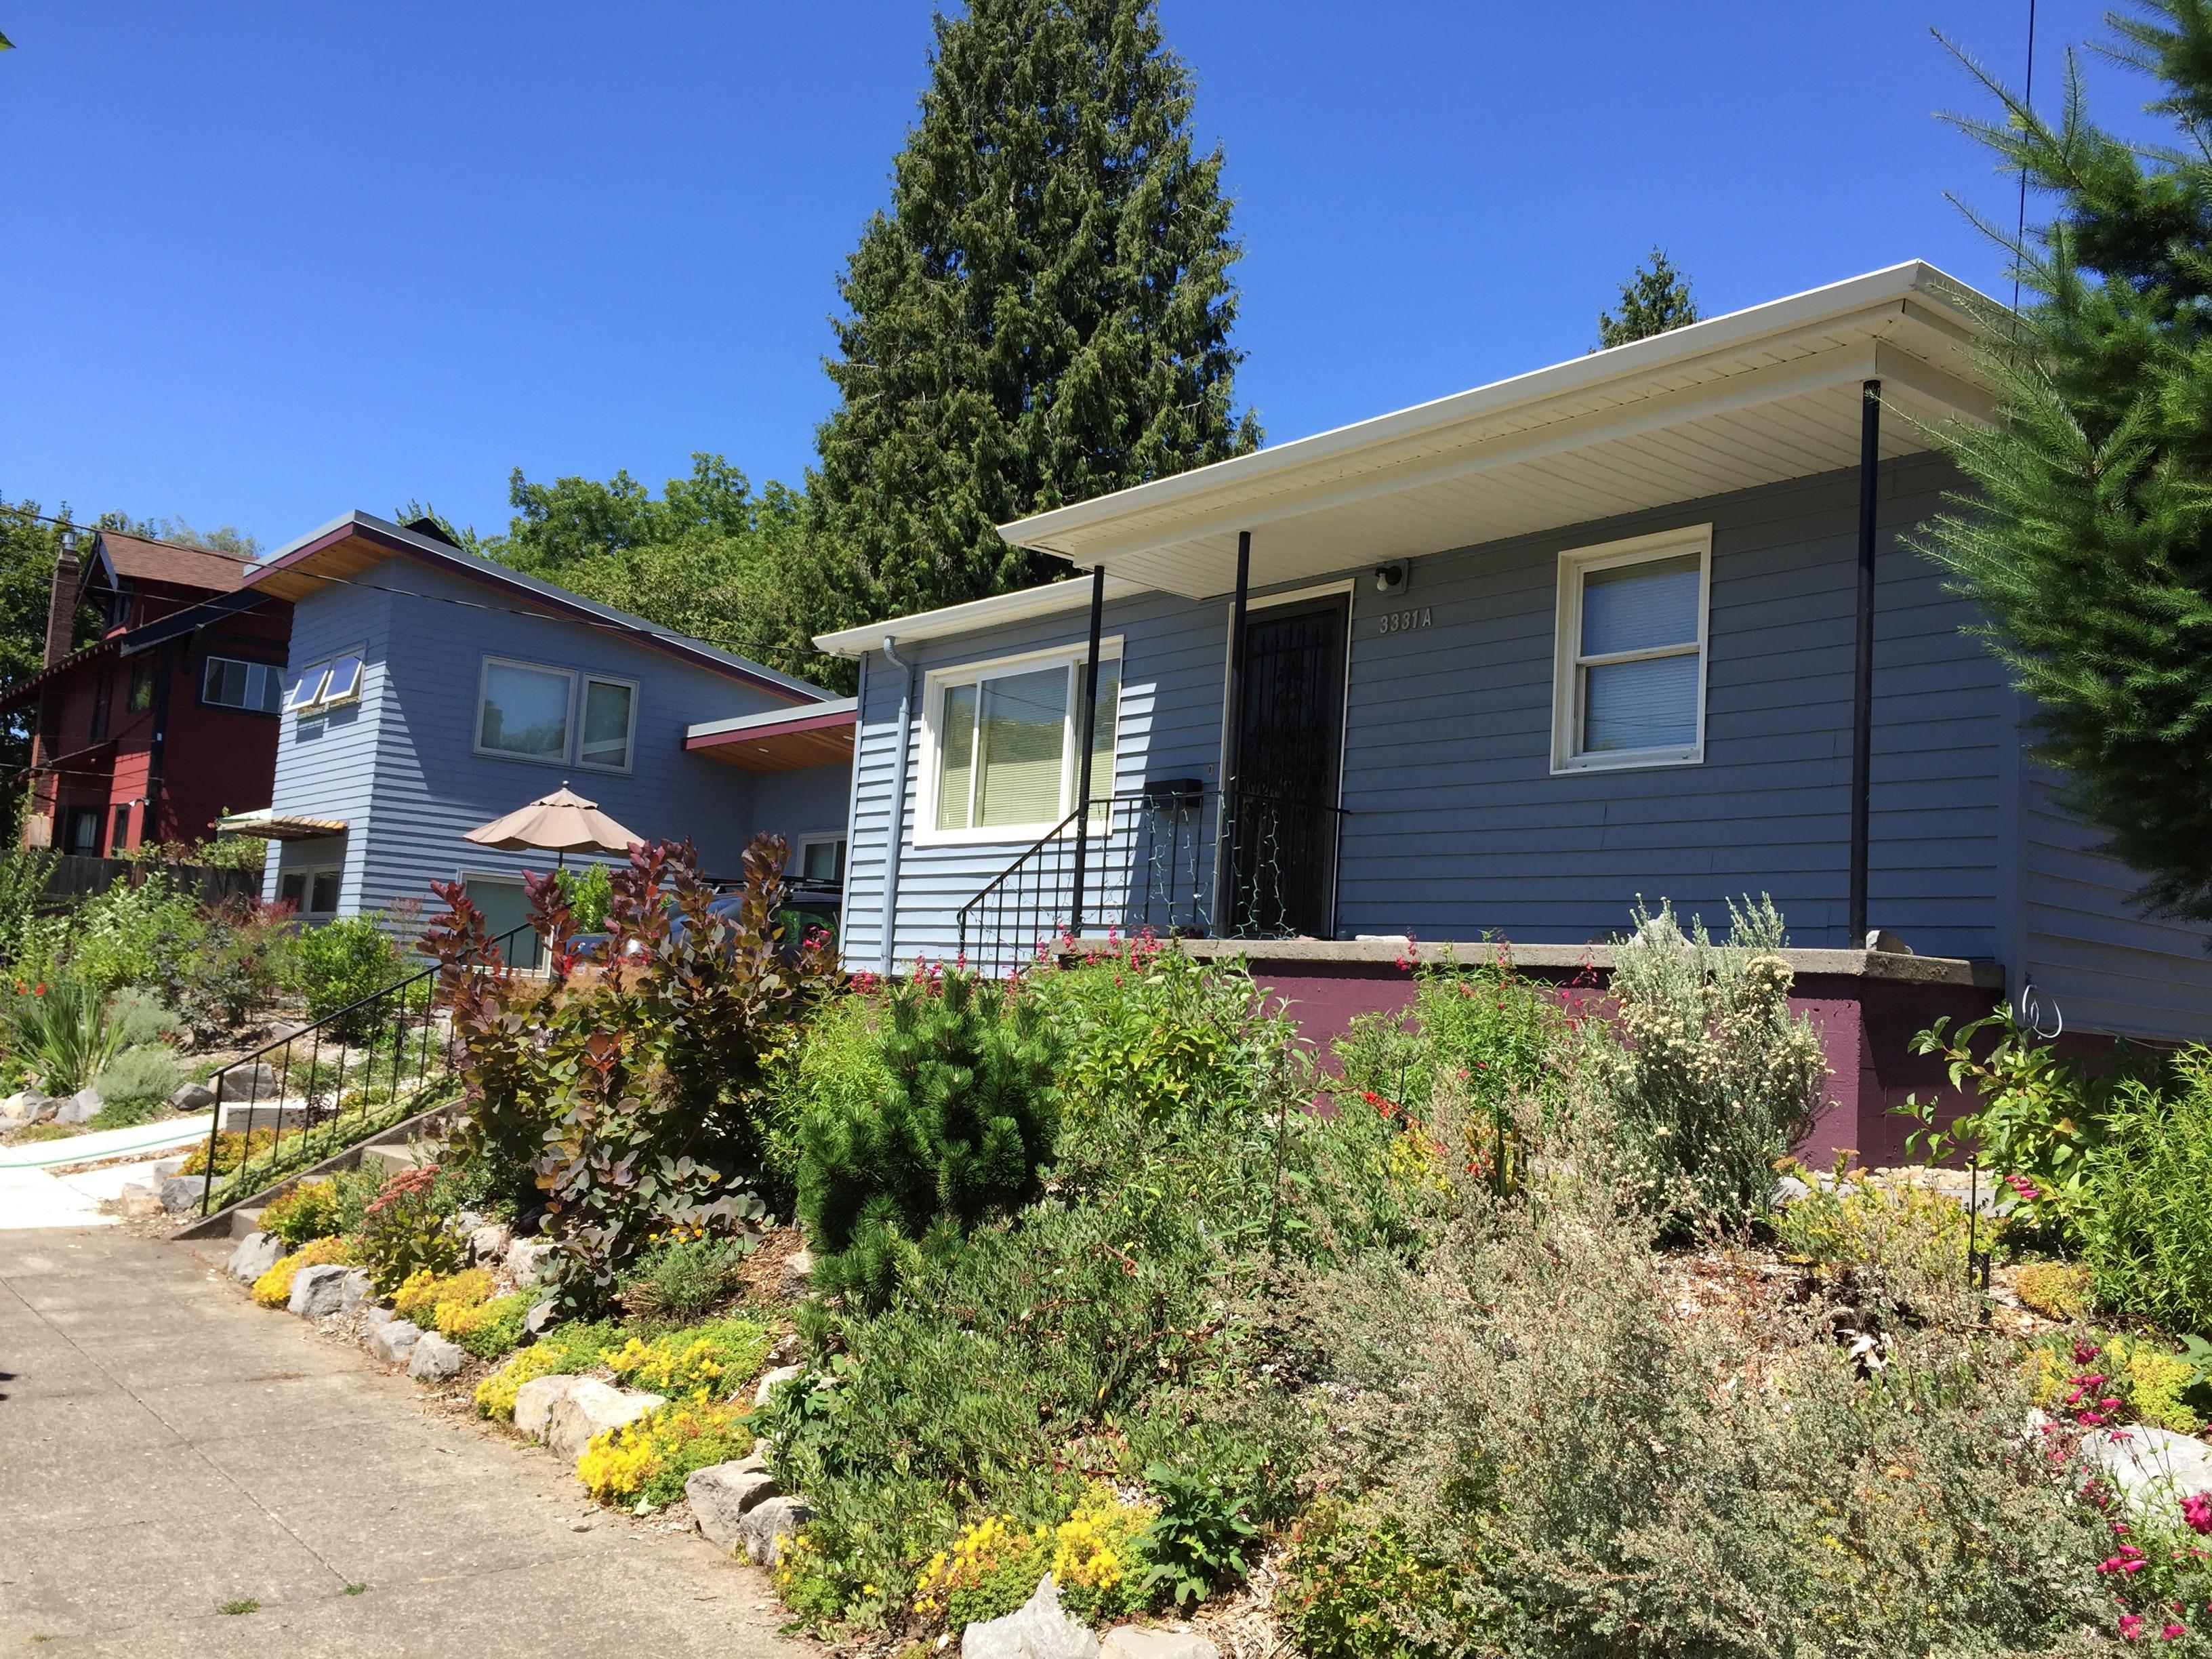 3331 Se Stephens A Portland Or 97214 2 Bedroom Apartment For Rent Padmapper